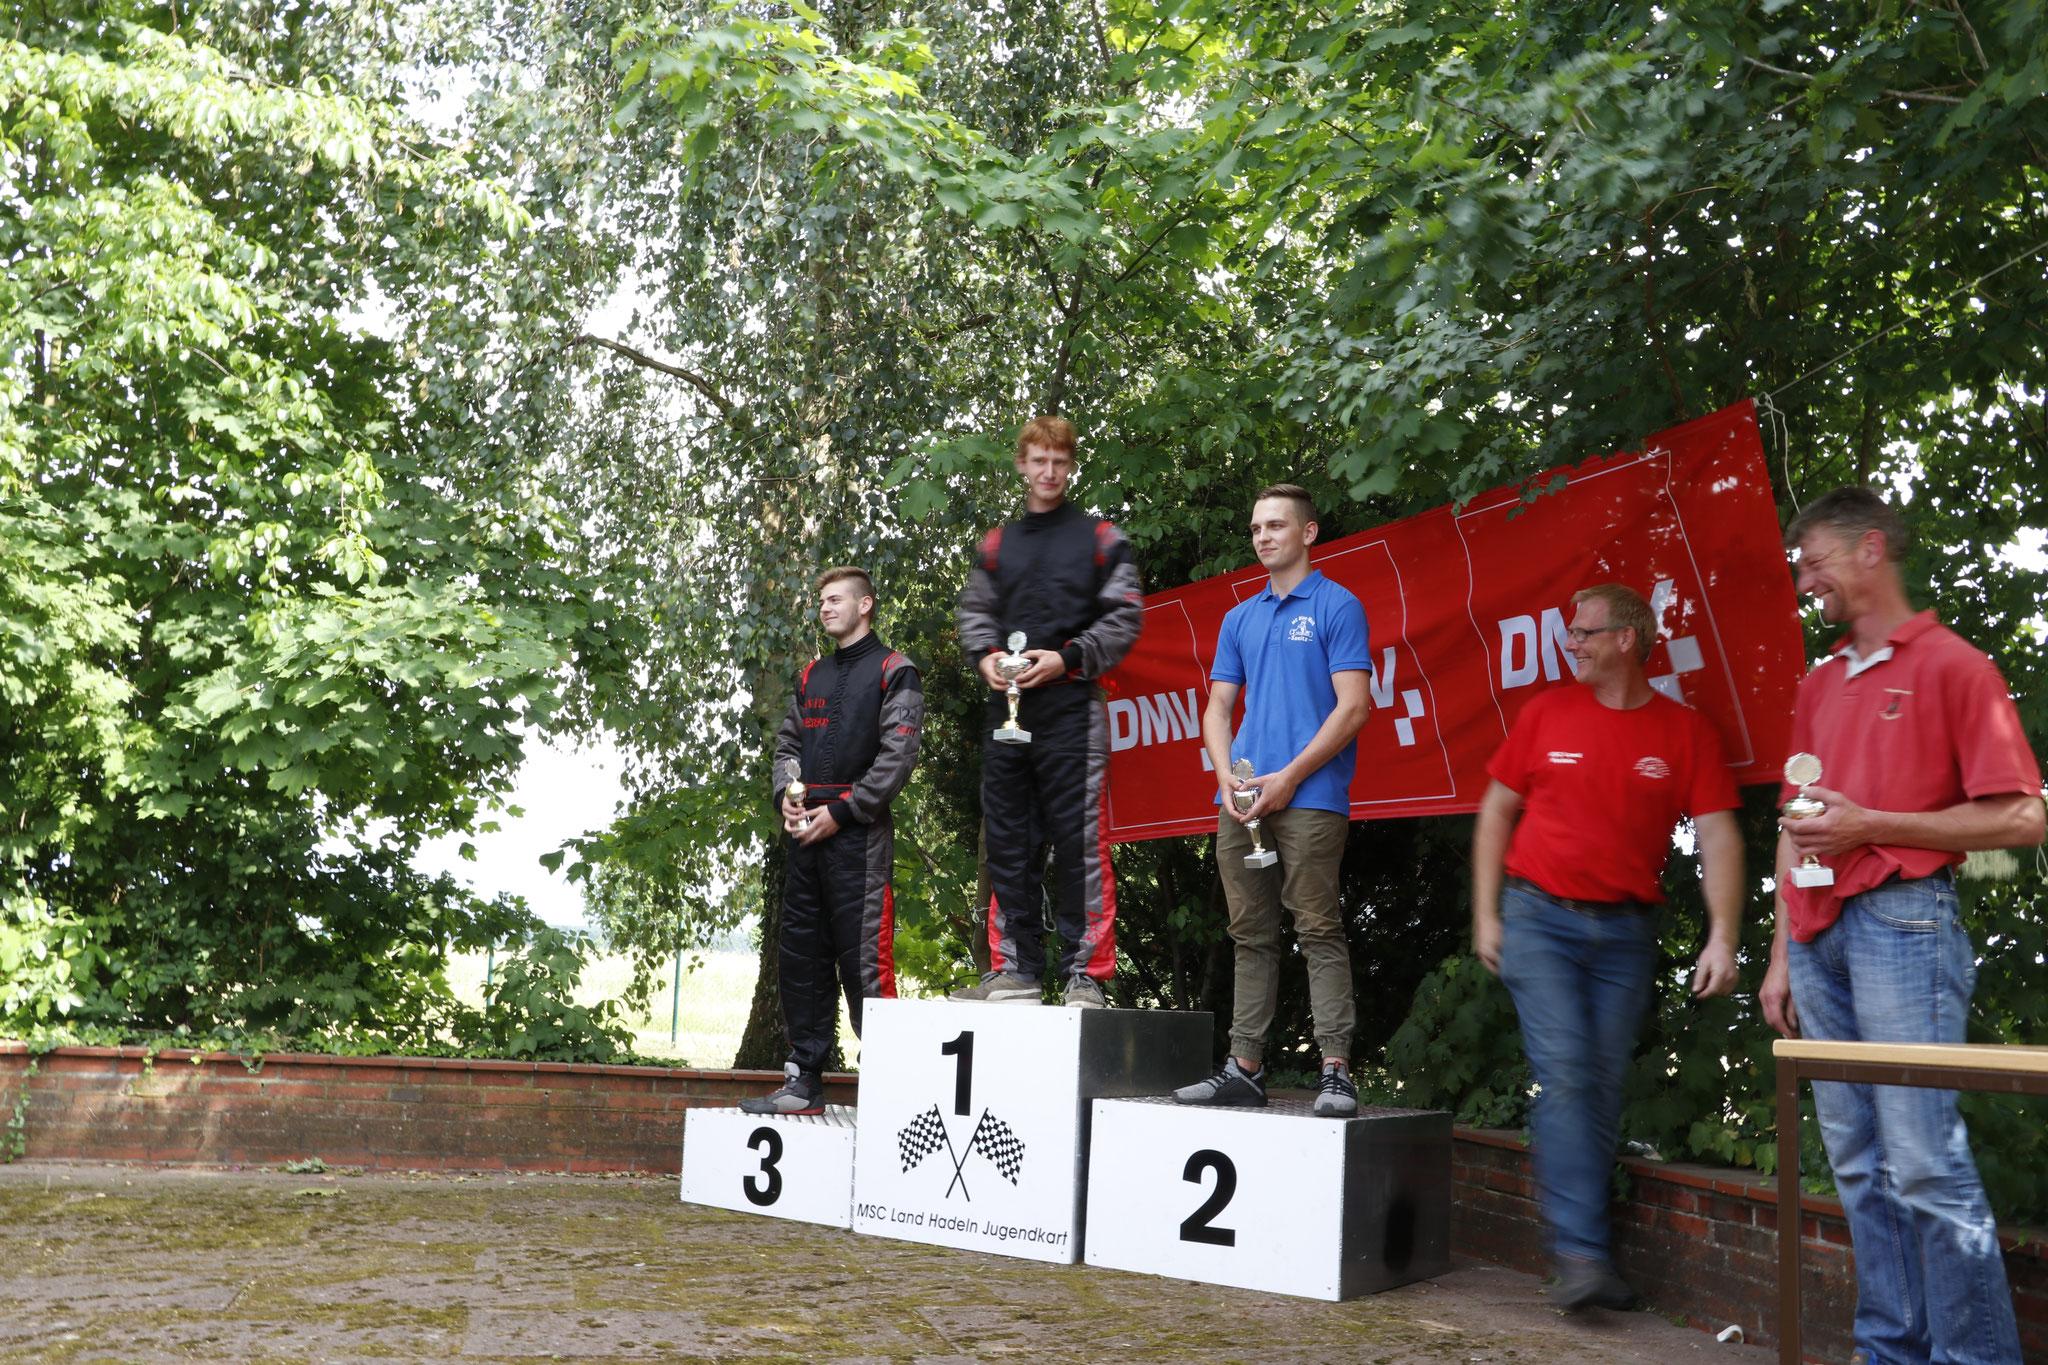 In Klasse 5 gewann Tjark Schlüer das Rennen, David Anderson belegte den dritten Platz